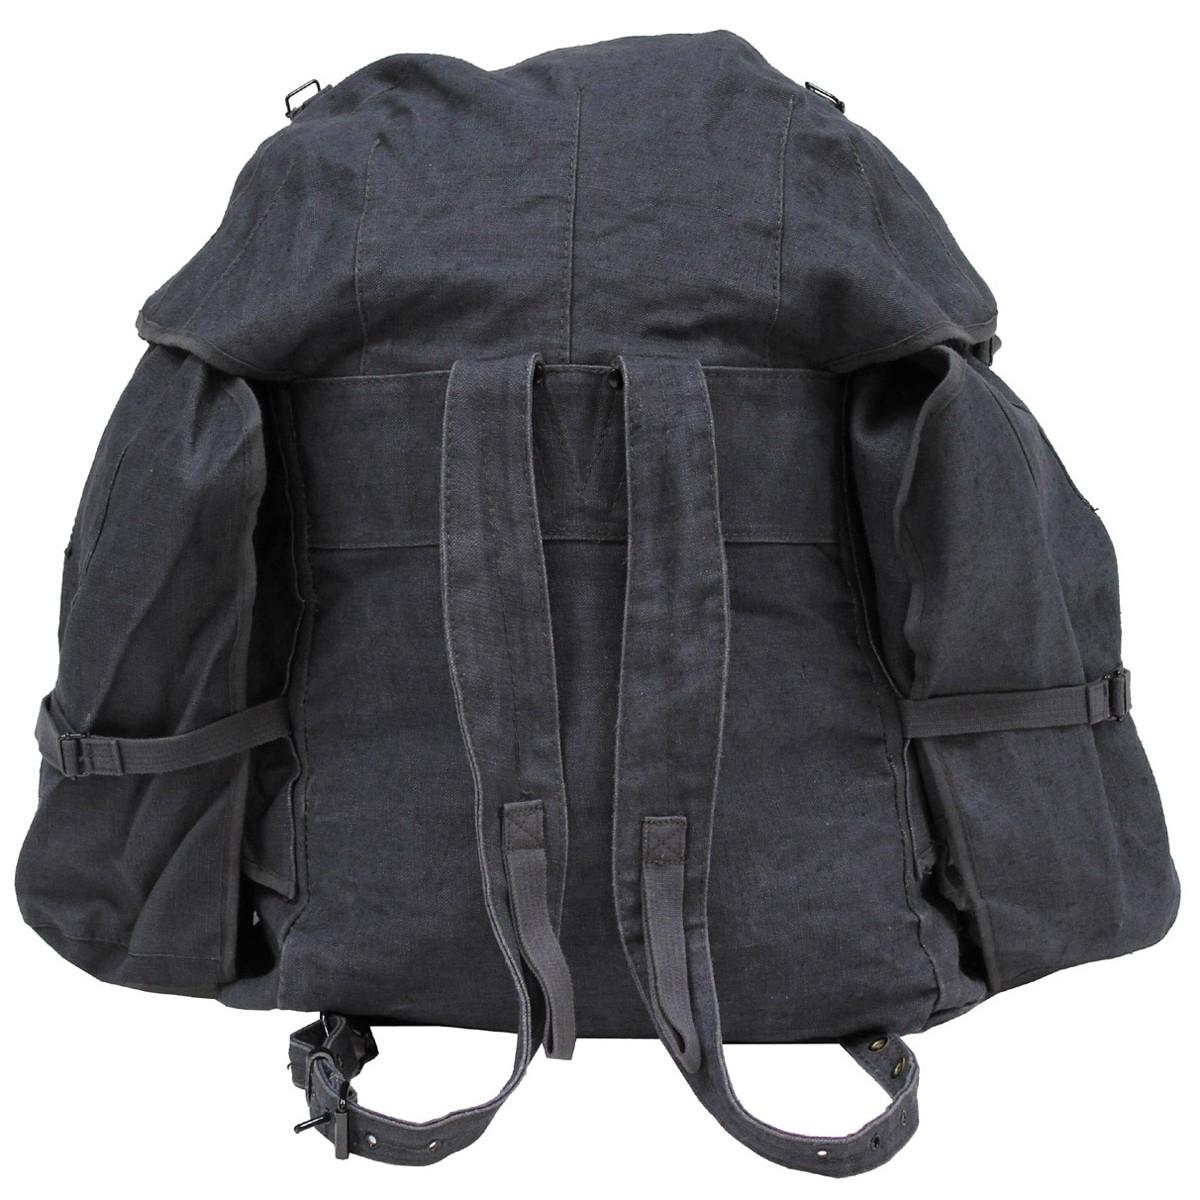 Italienischer Rucksack blau/grau mit Träger